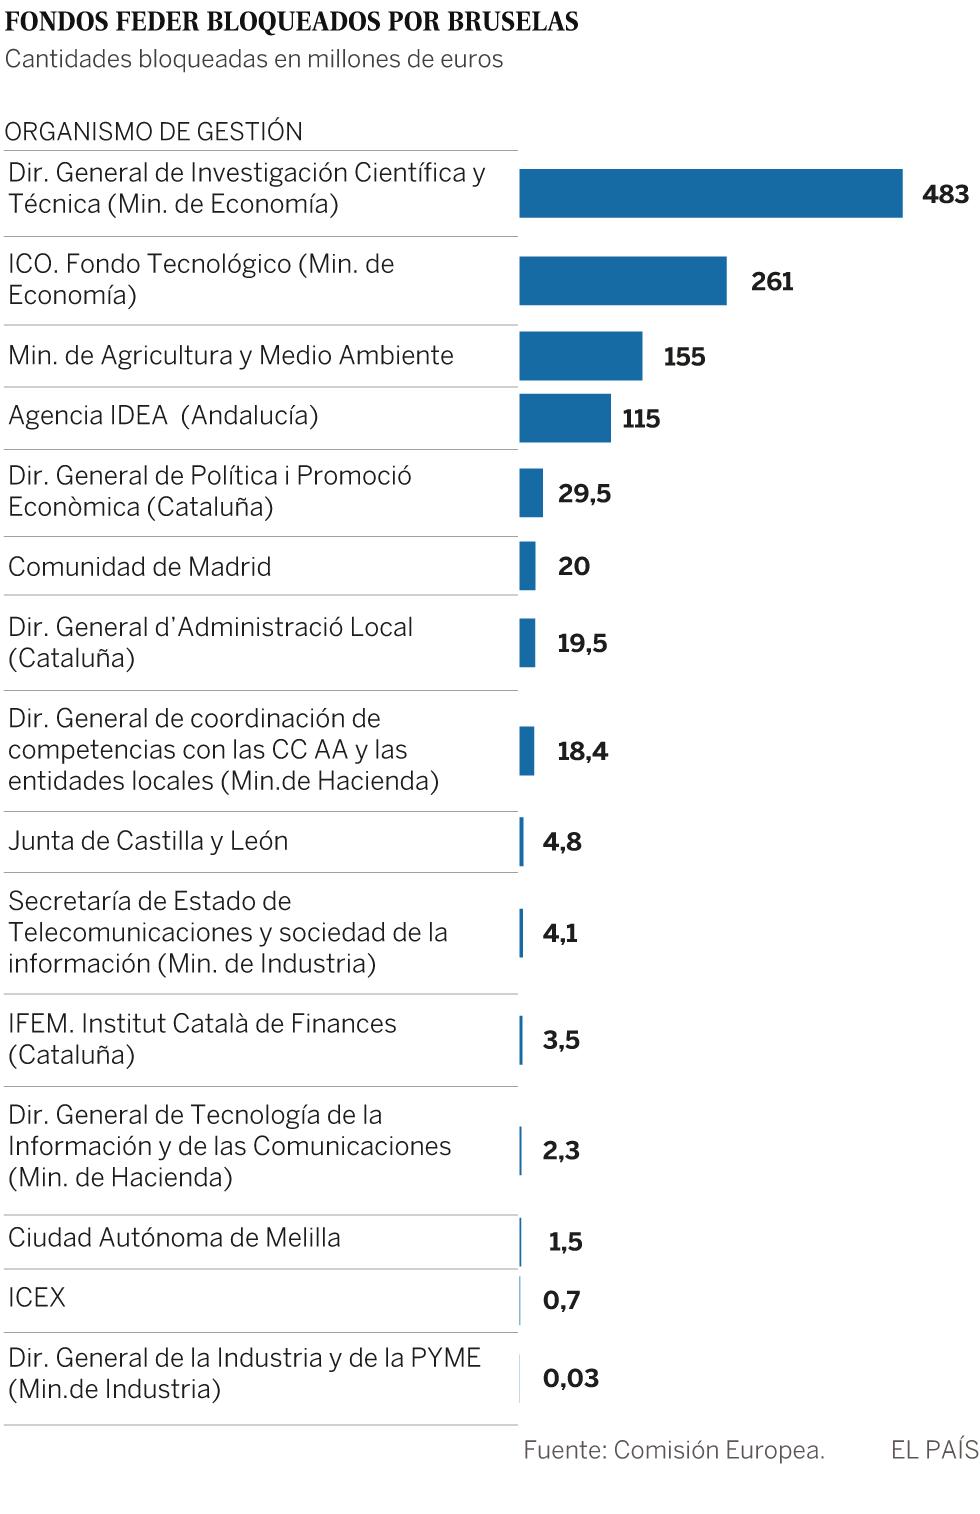 Gráfico sobre los Fondos Feder